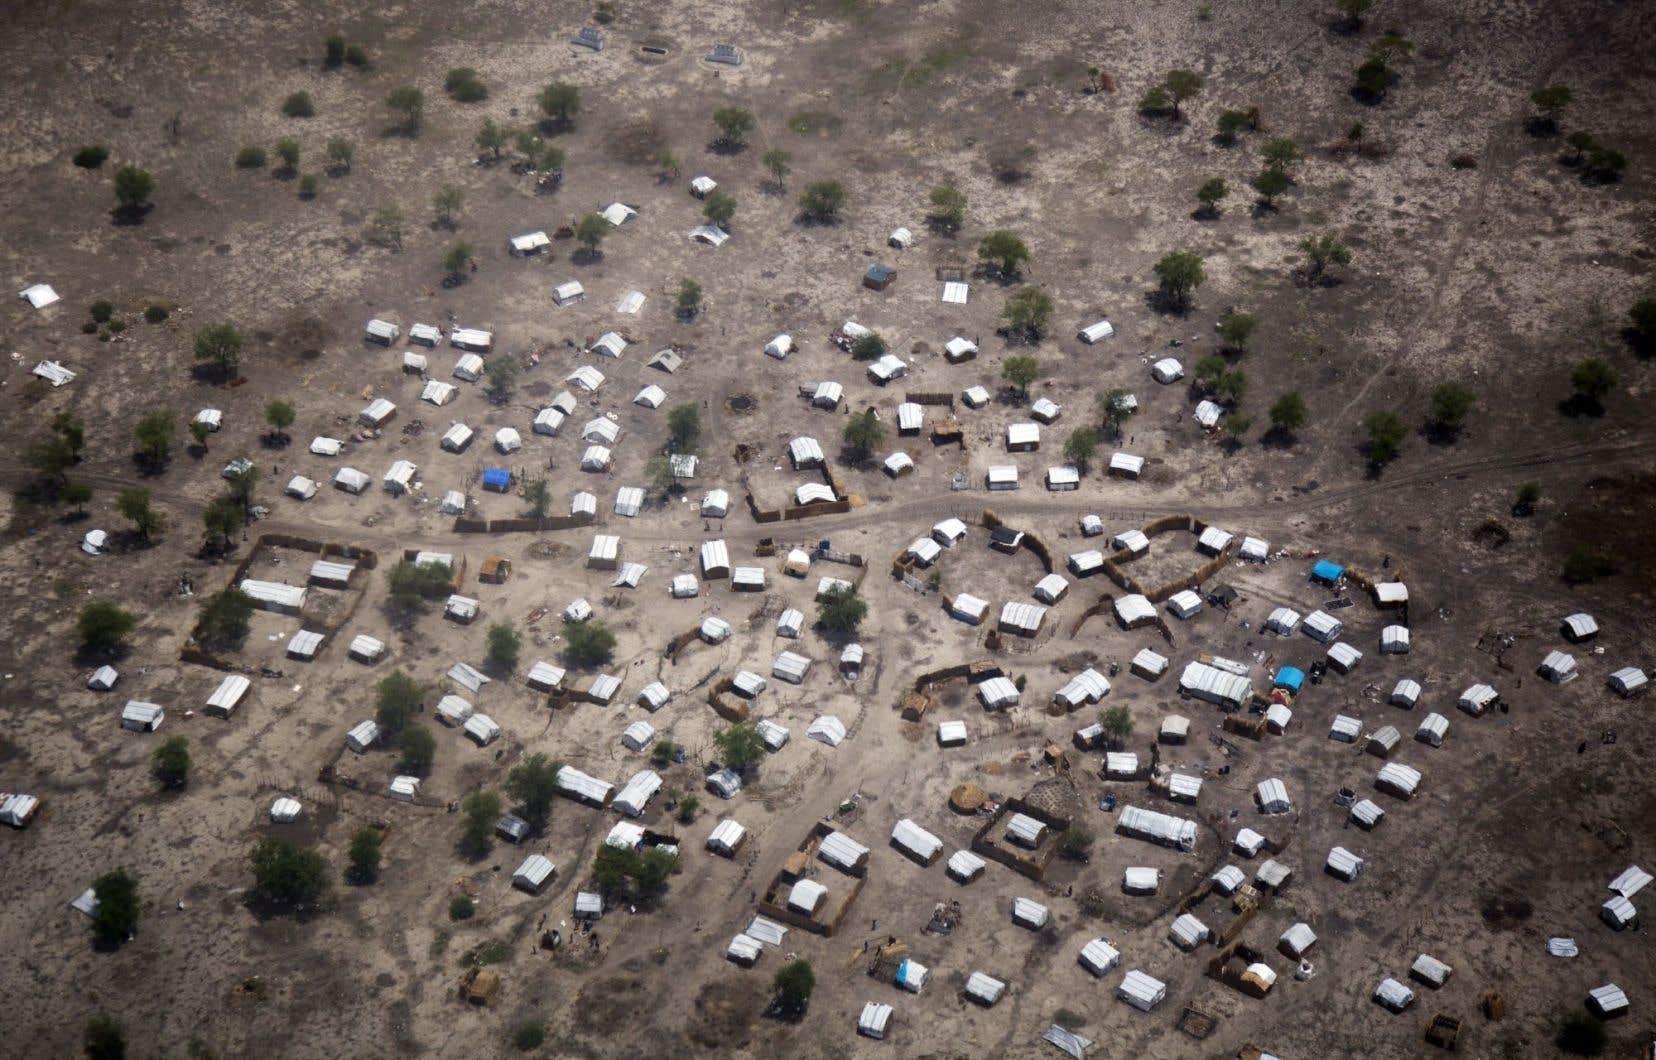 Environ 10 000 déplacés vivent à Aburoc dans une extrême précarité, dans des abris en bois recouverts de bâches blanches.